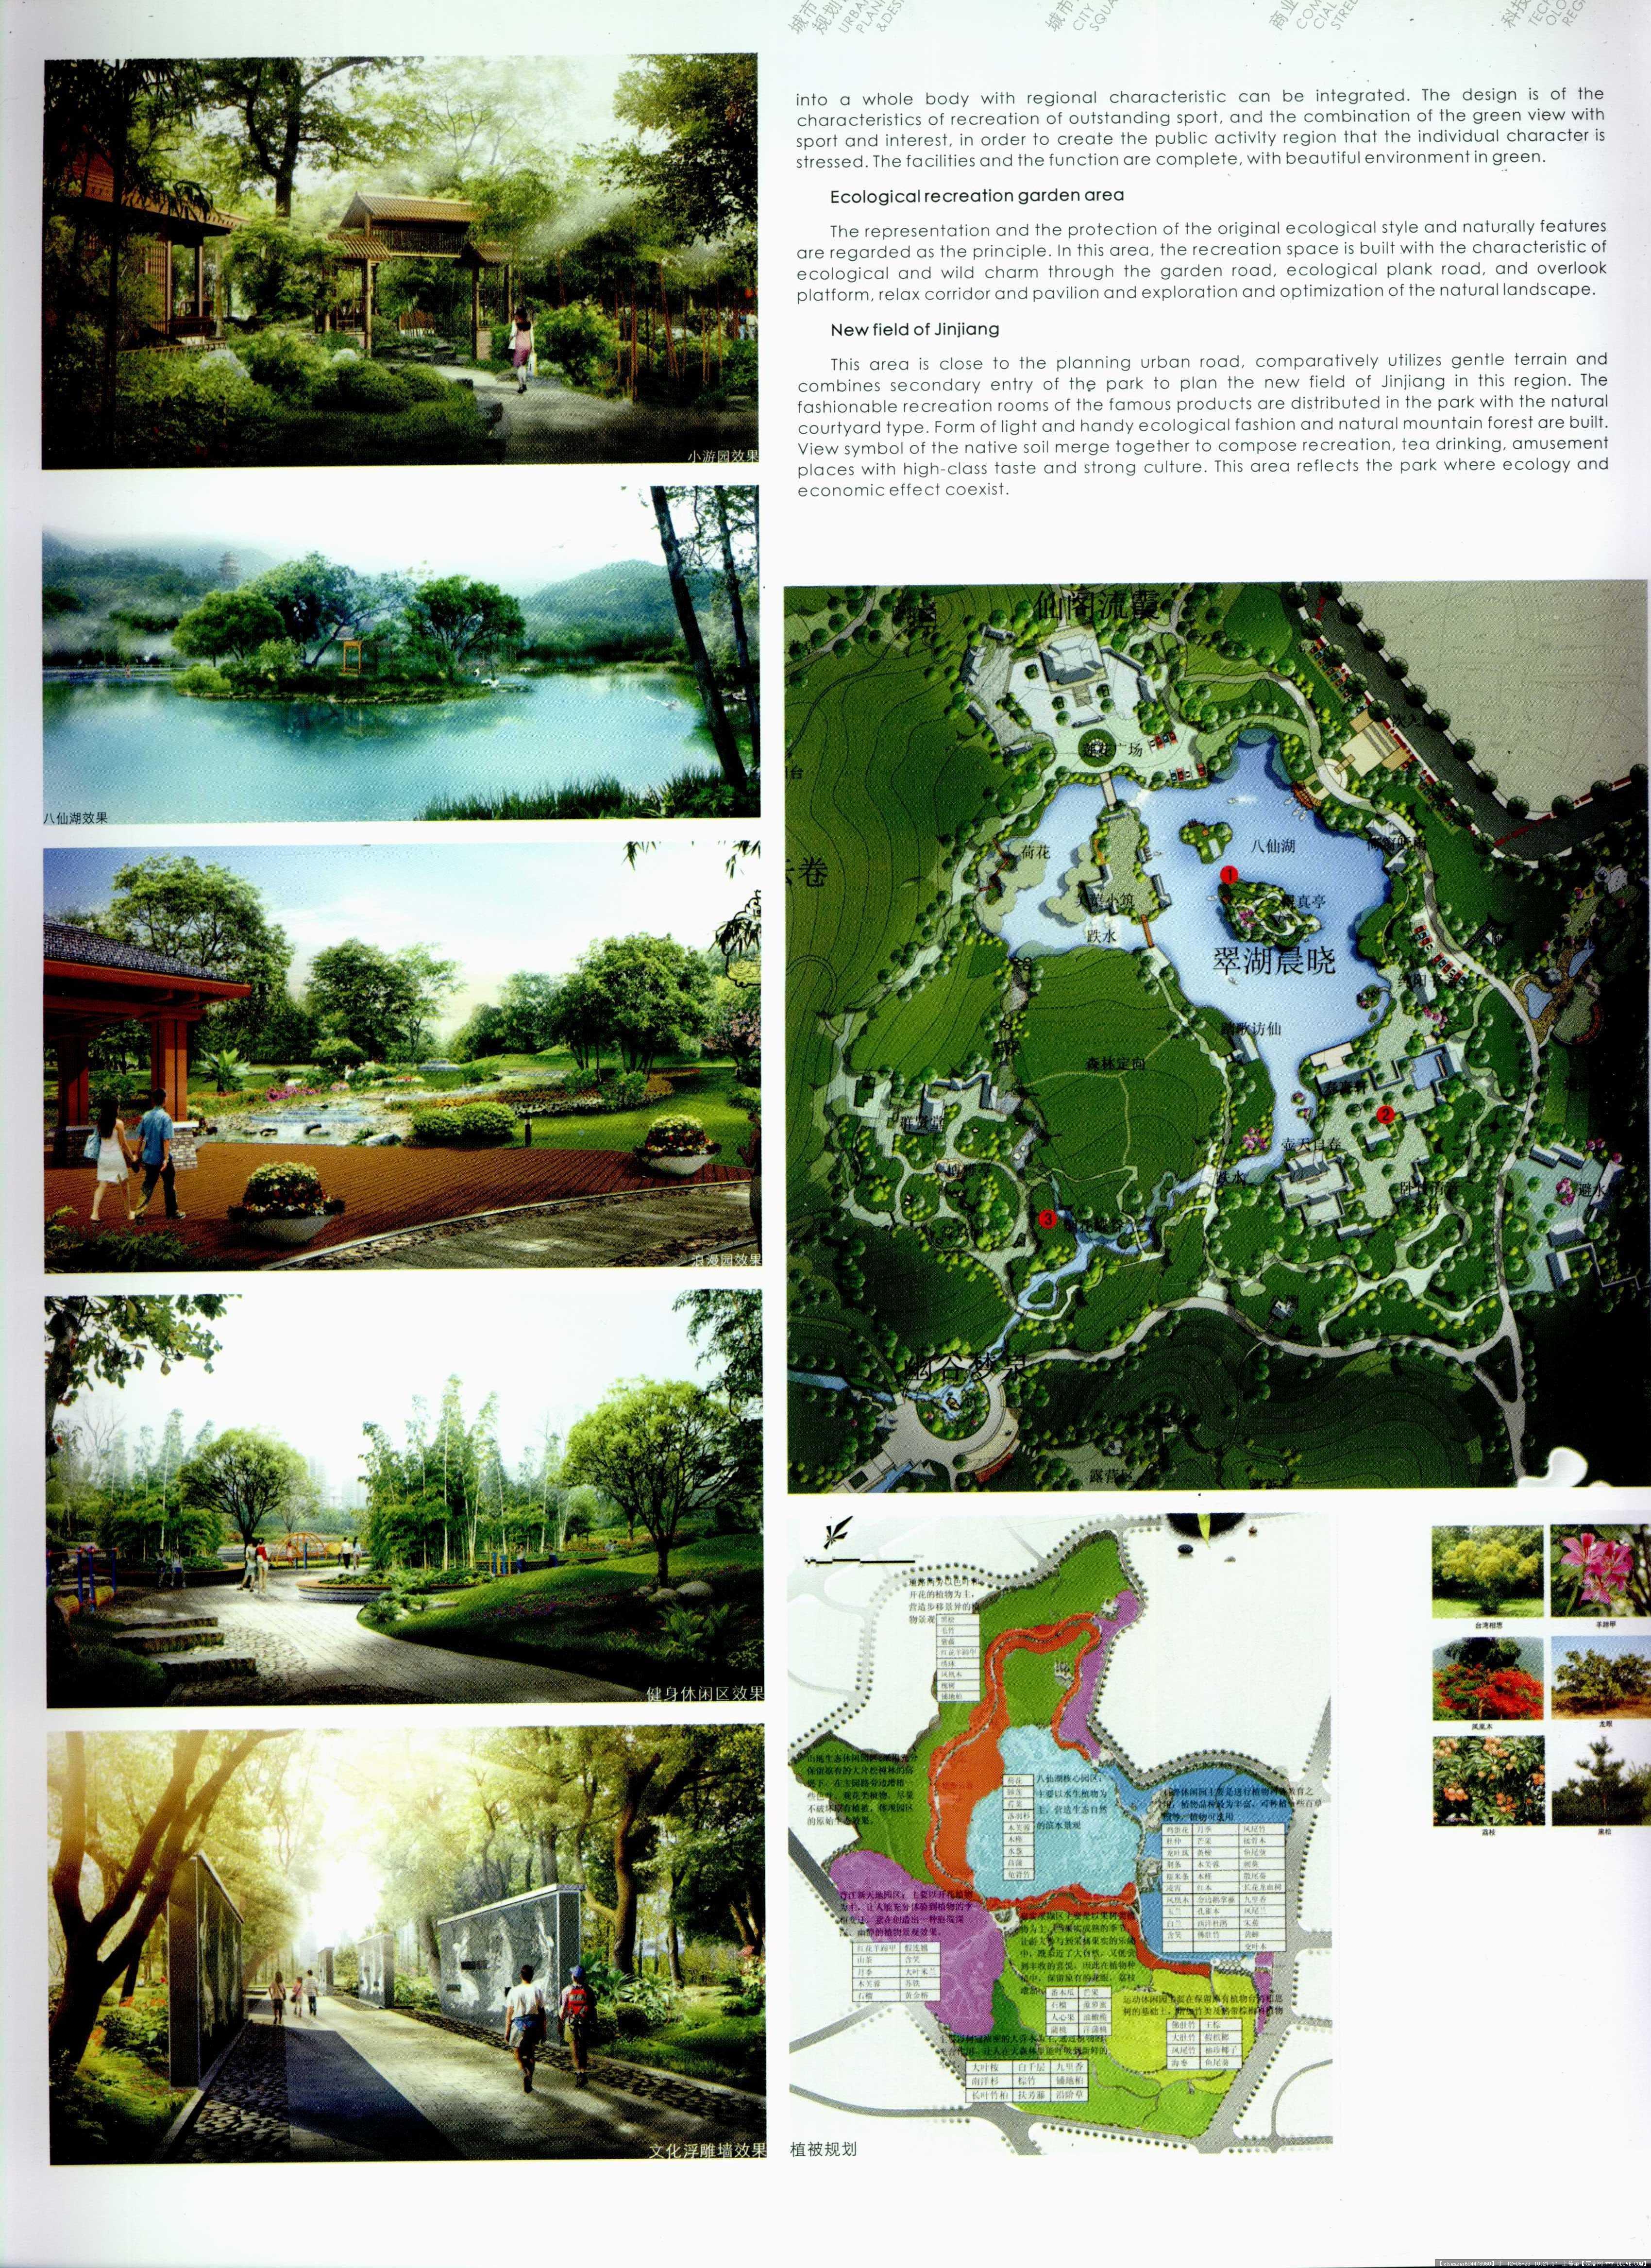 某公园设计方案图的图片浏览